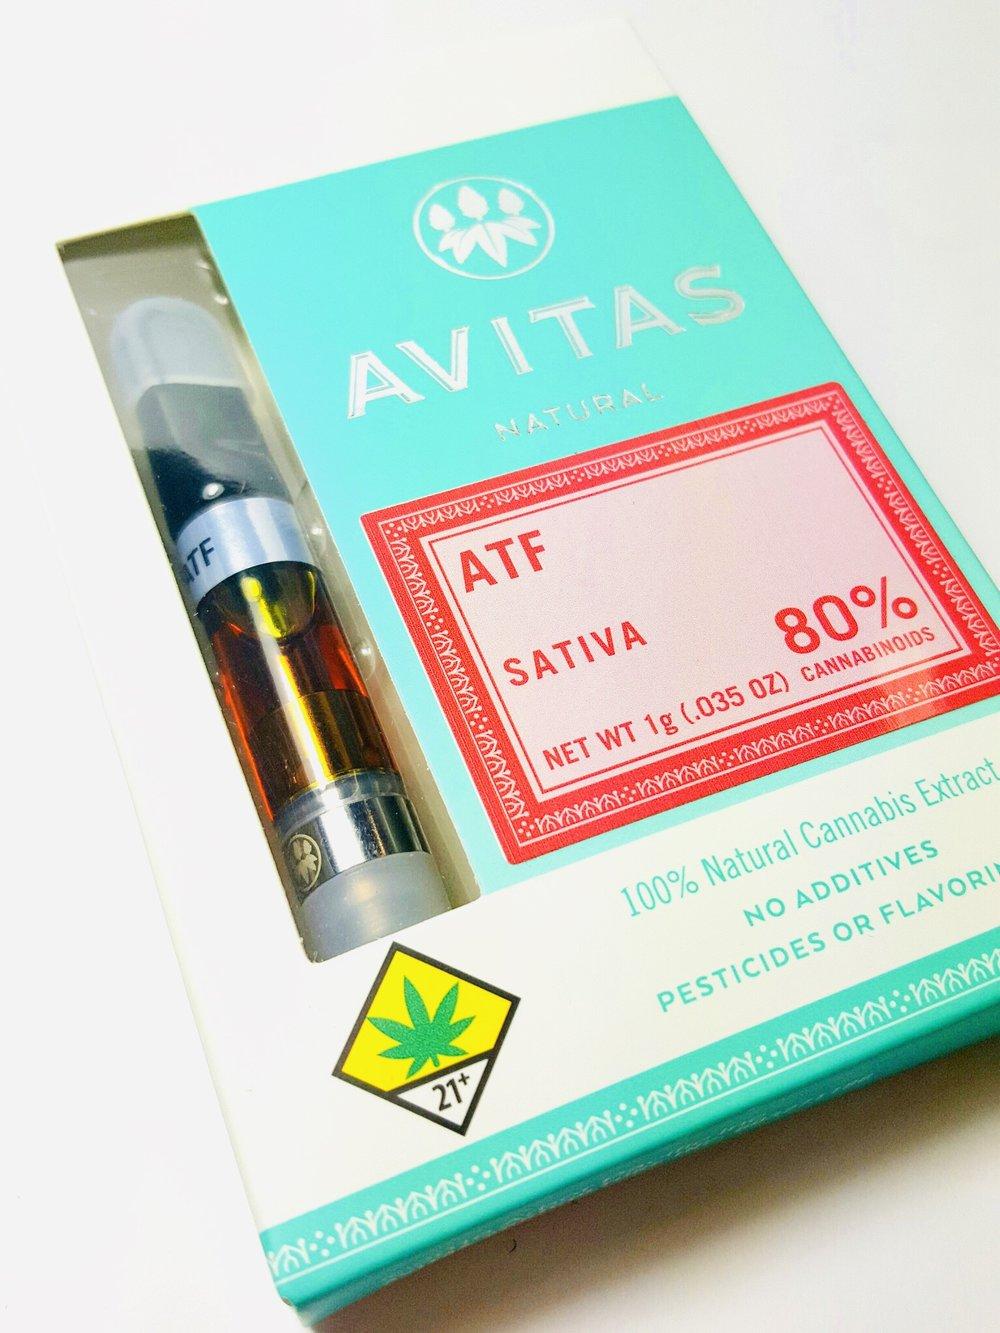 Avitas ATF Sativa Cartridge Ganja Goddess Seattle